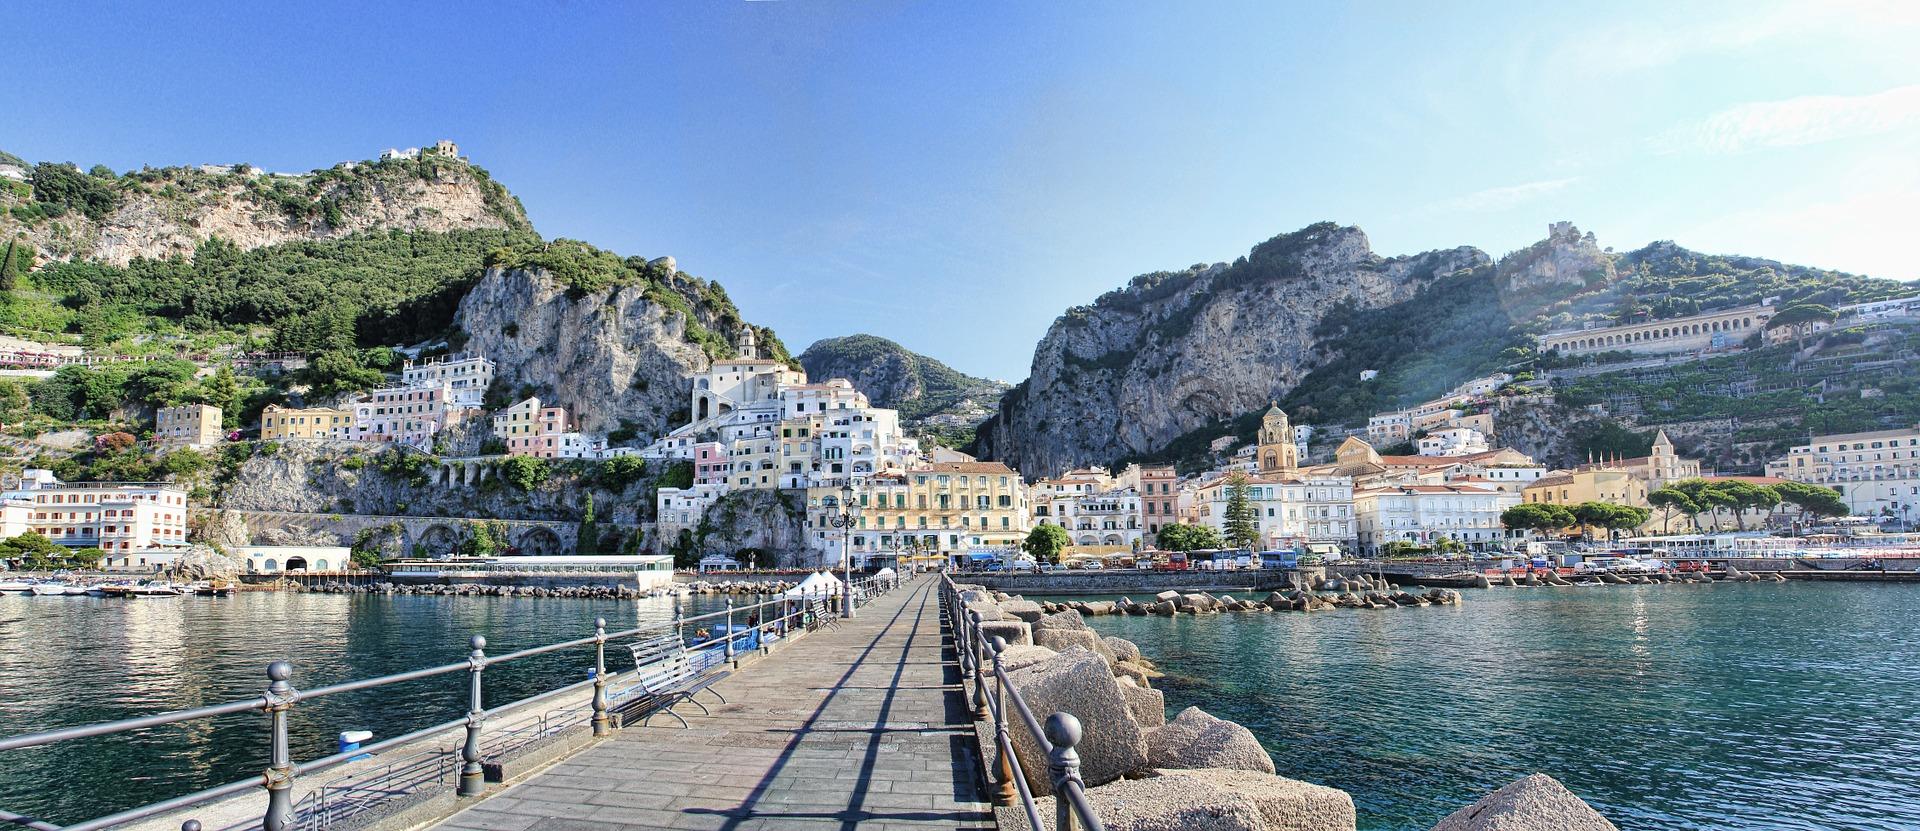 Genießen Sie diesen wunderschönen Anblick auf die italienische Stadt Amalfi